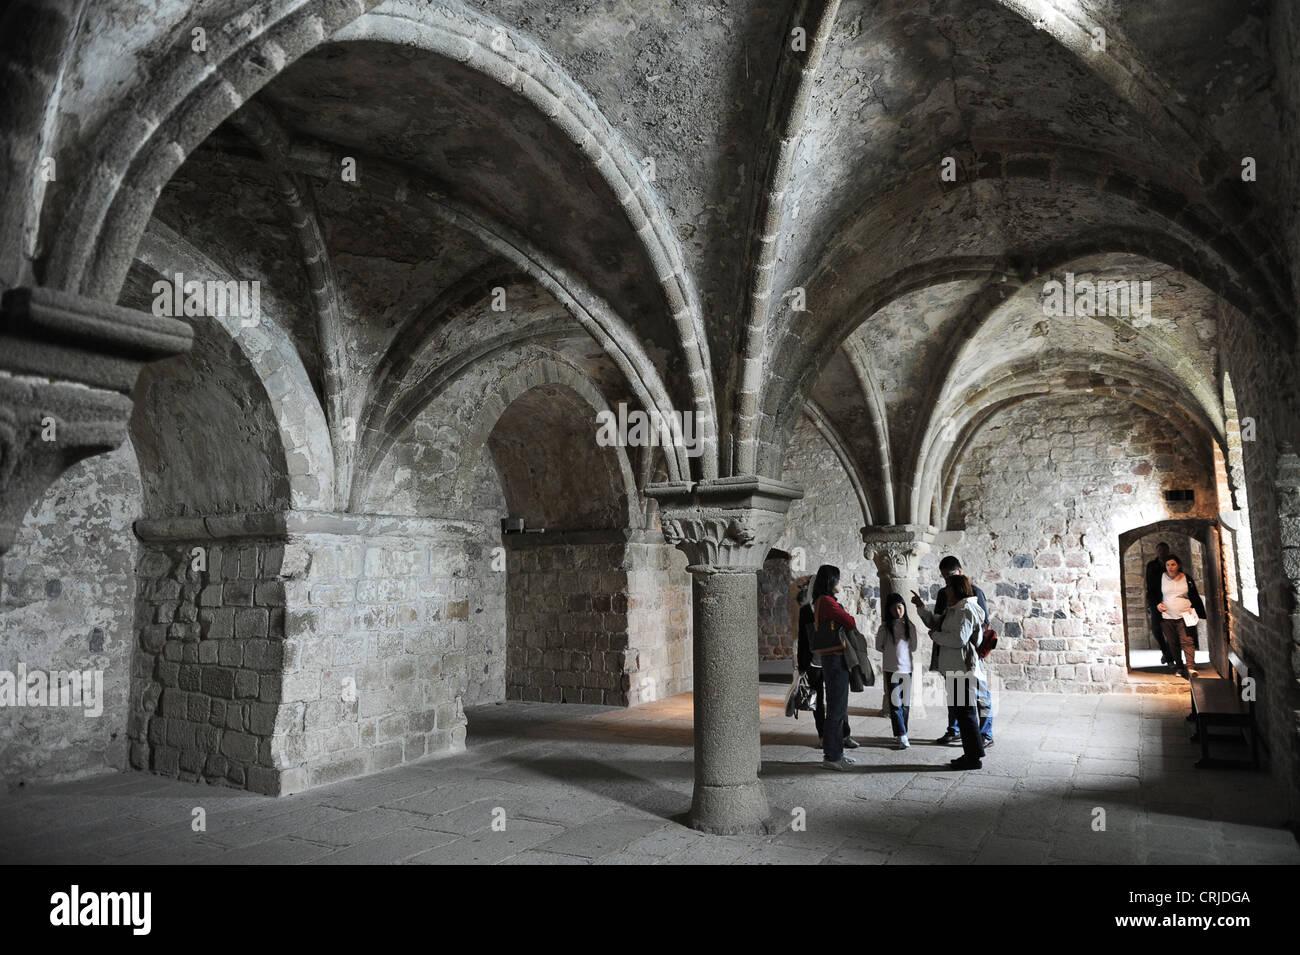 Le mont saint michel gothic interior stock photo royalty for Mont saint michel interieur